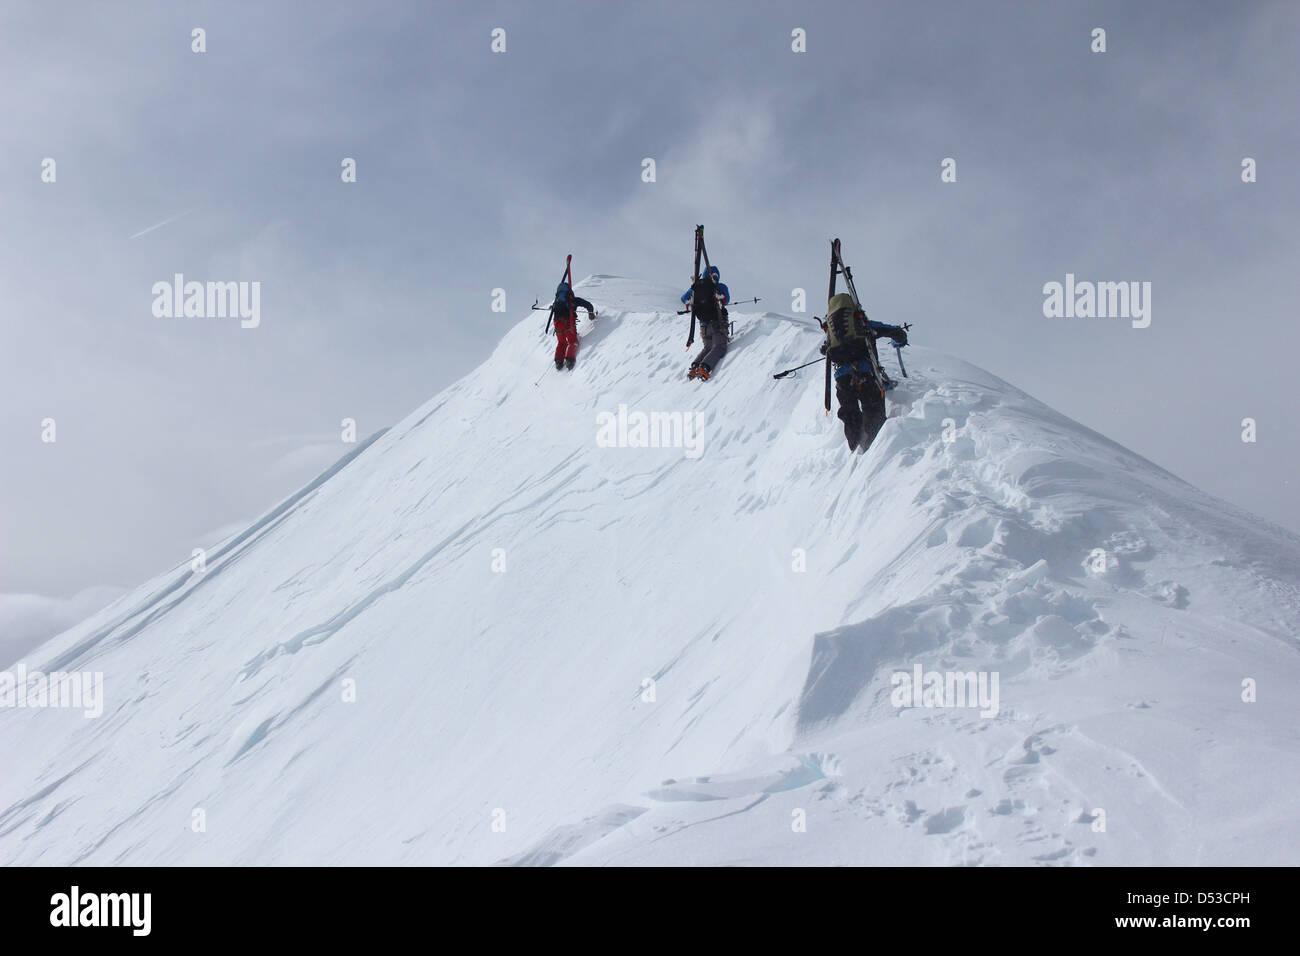 Ski touring ridge of Domes de Miage. - Stock Image